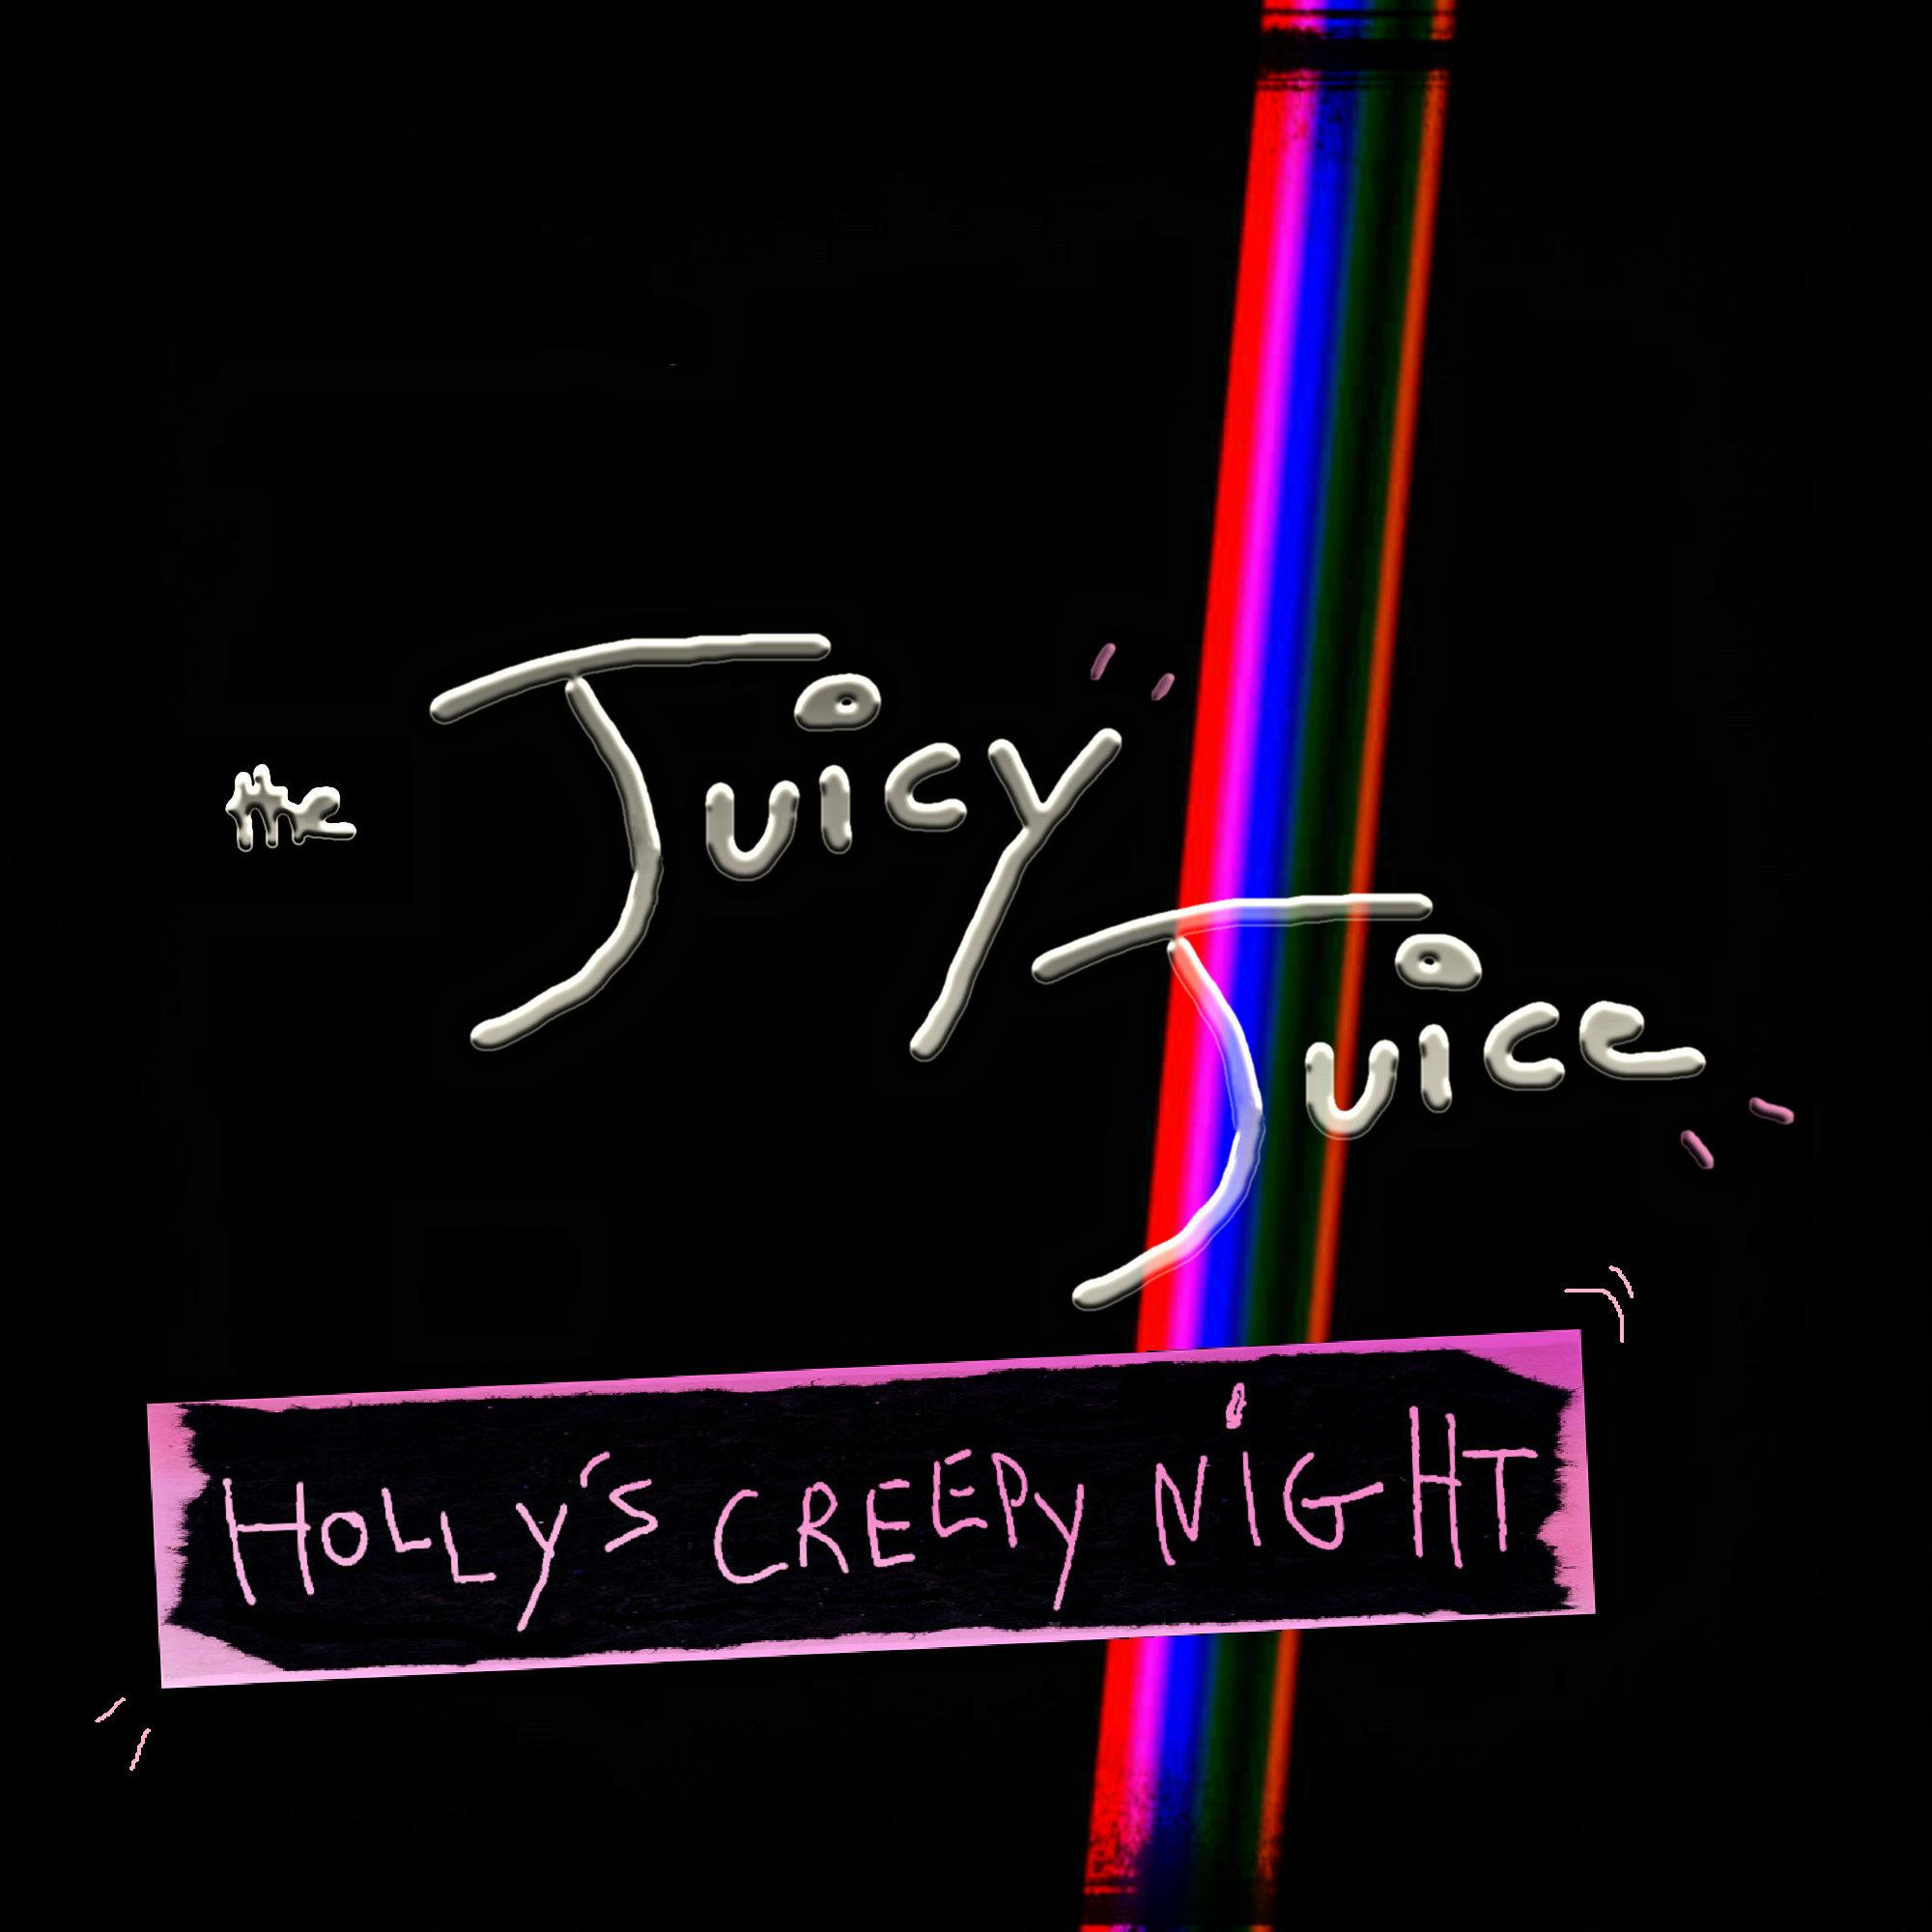 Holly's Creepy Night E.P.